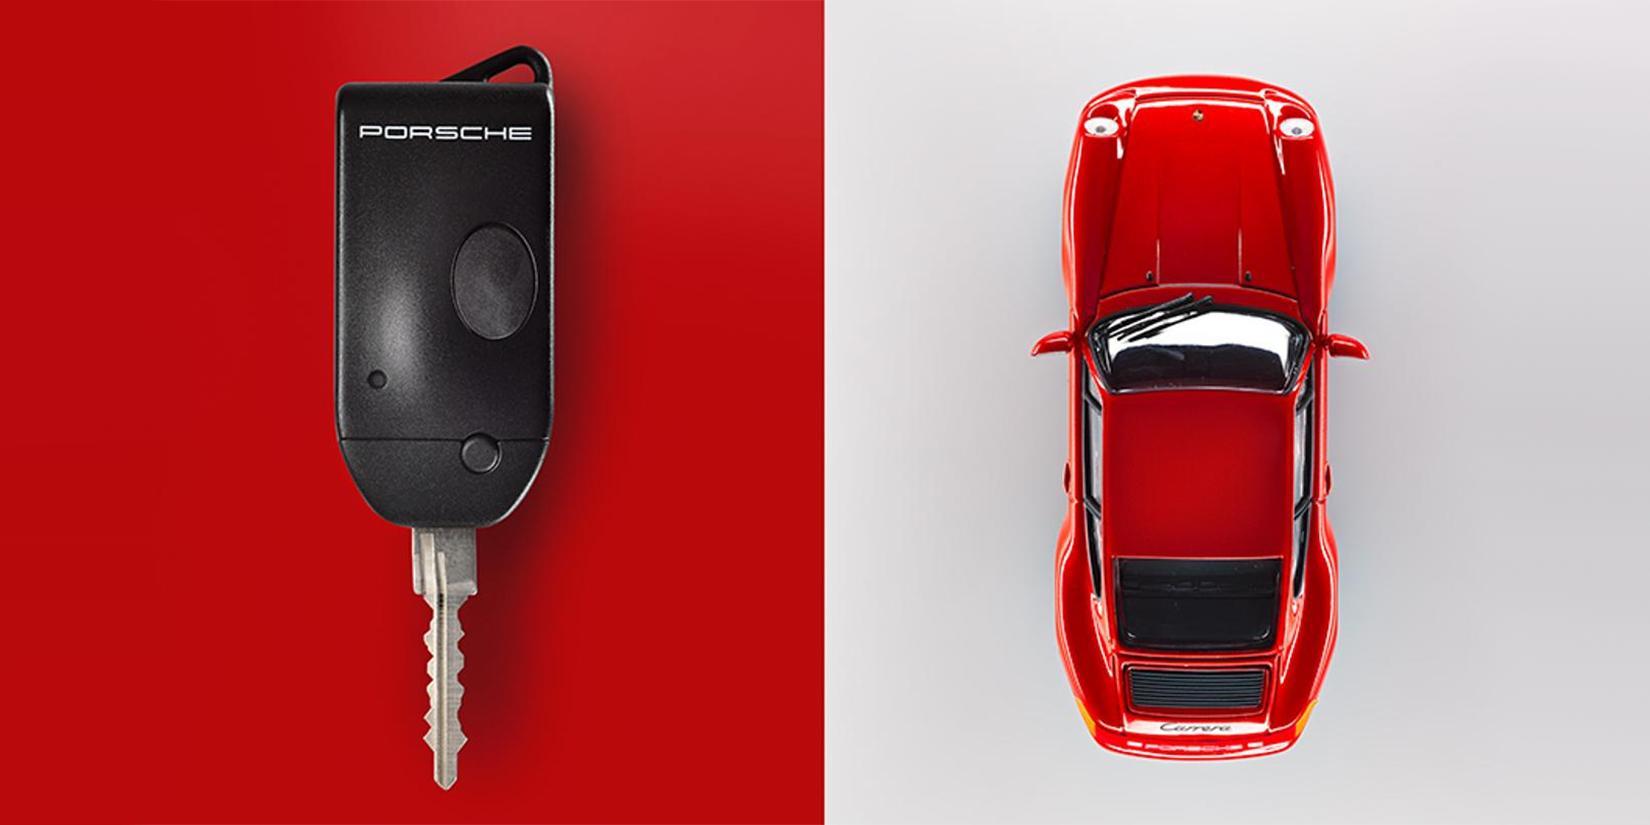 Porsche Key Replacement Service in Ann Arbor | Porsche Key